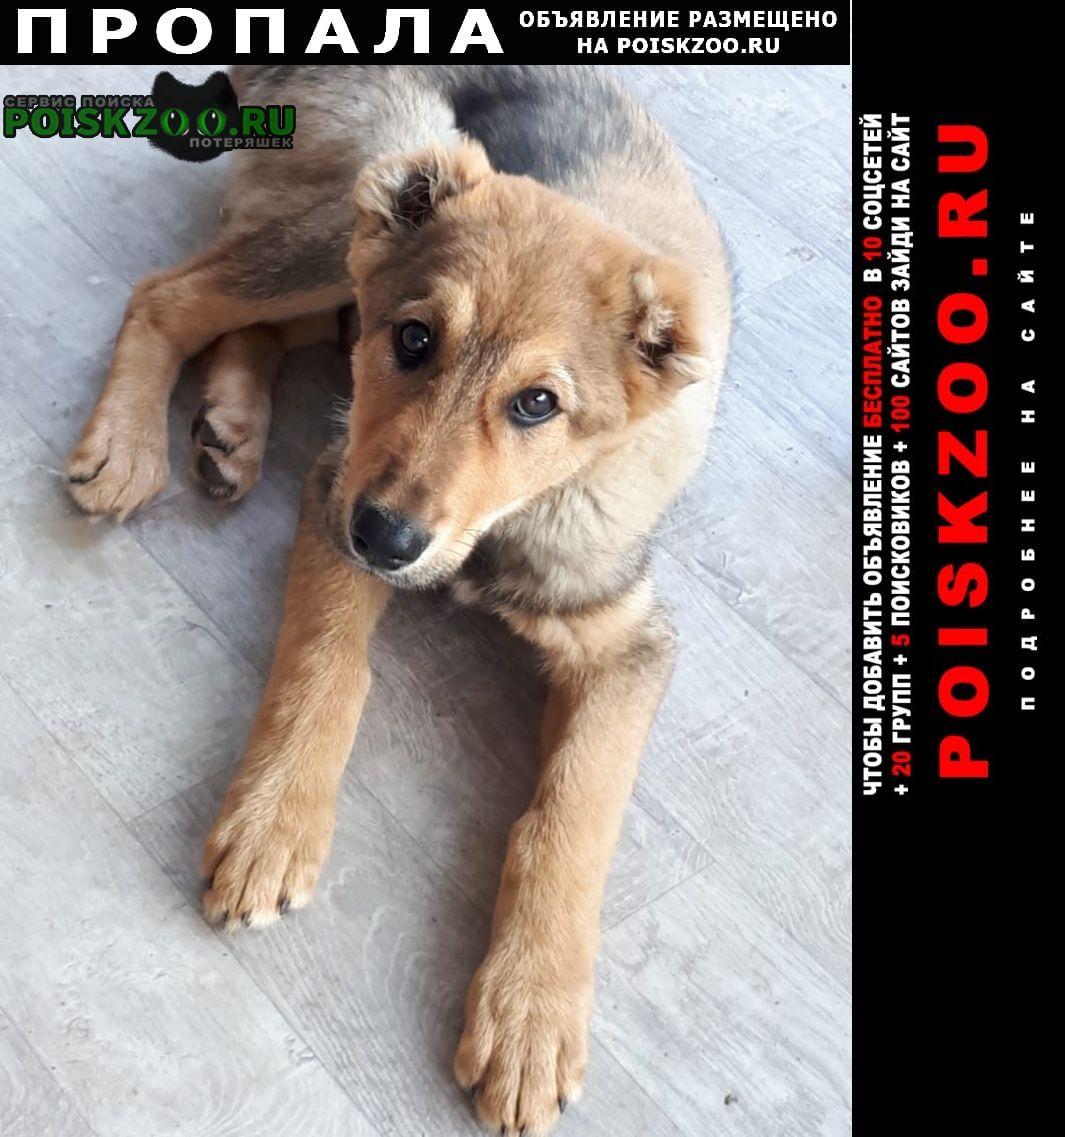 Пропала собака кобель щенок алабая Приволжск